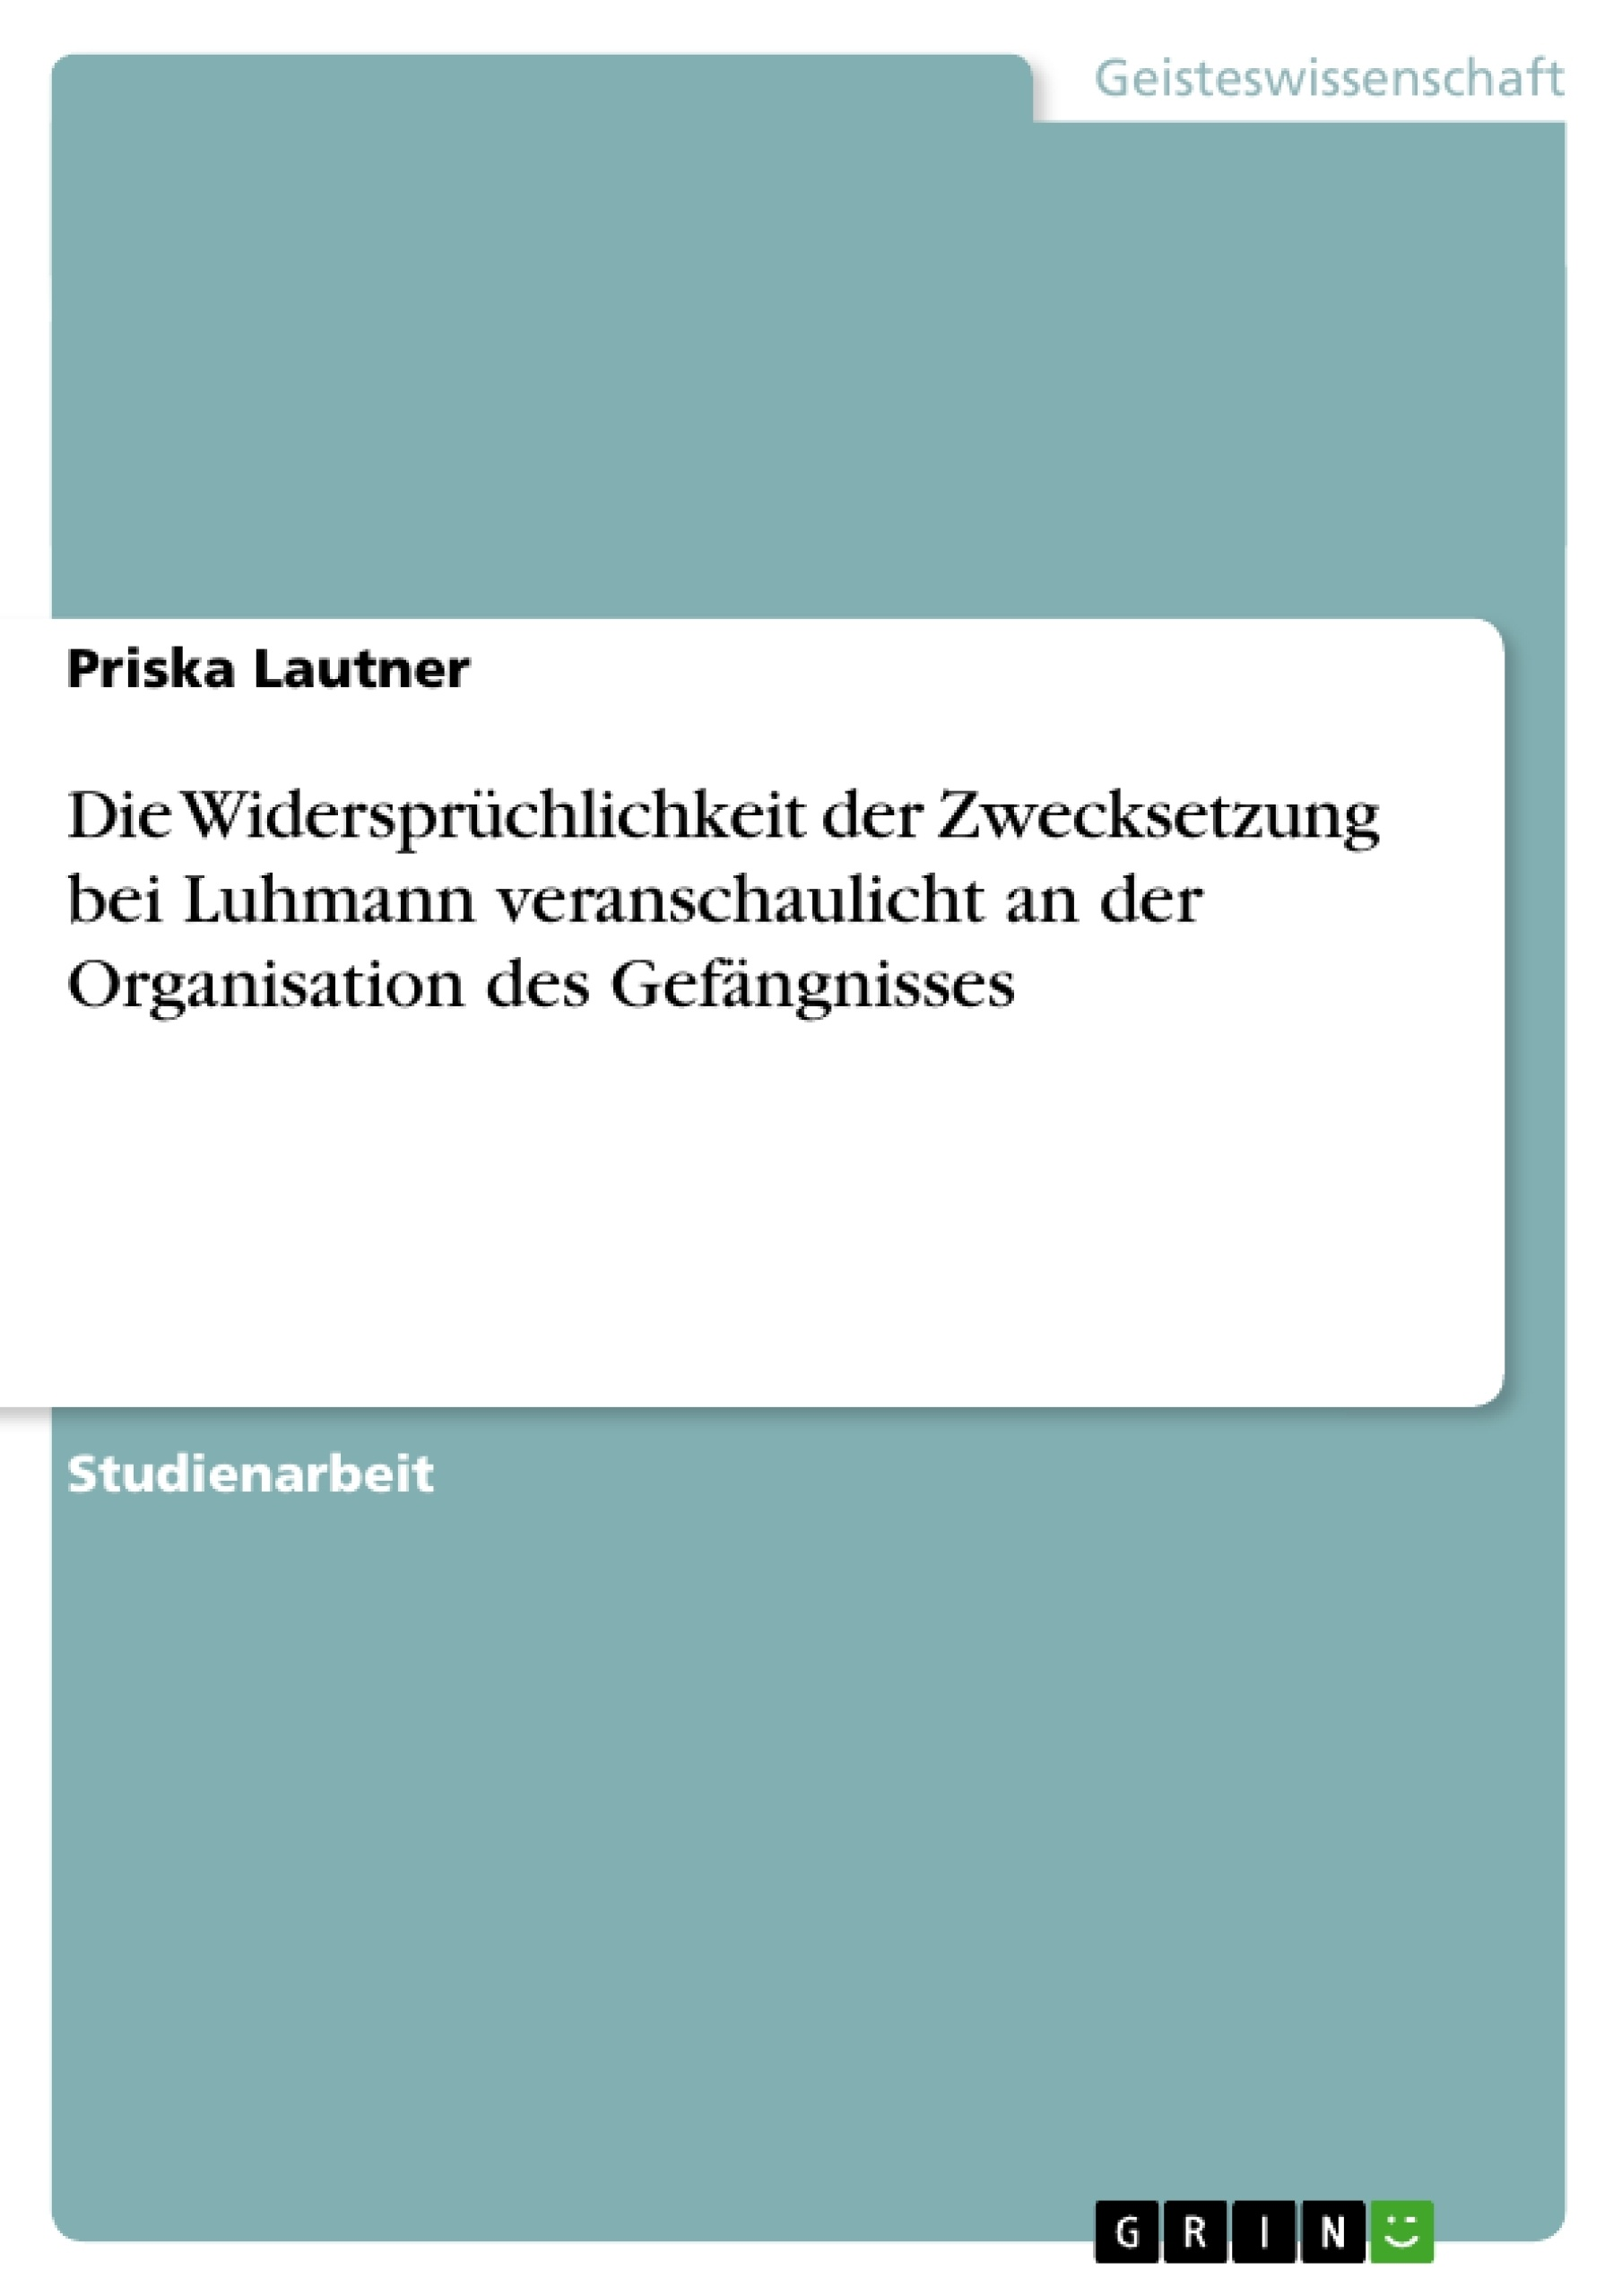 Titel: Die Widersprüchlichkeit der Zwecksetzung bei Luhmann veranschaulicht an der Organisation des Gefängnisses